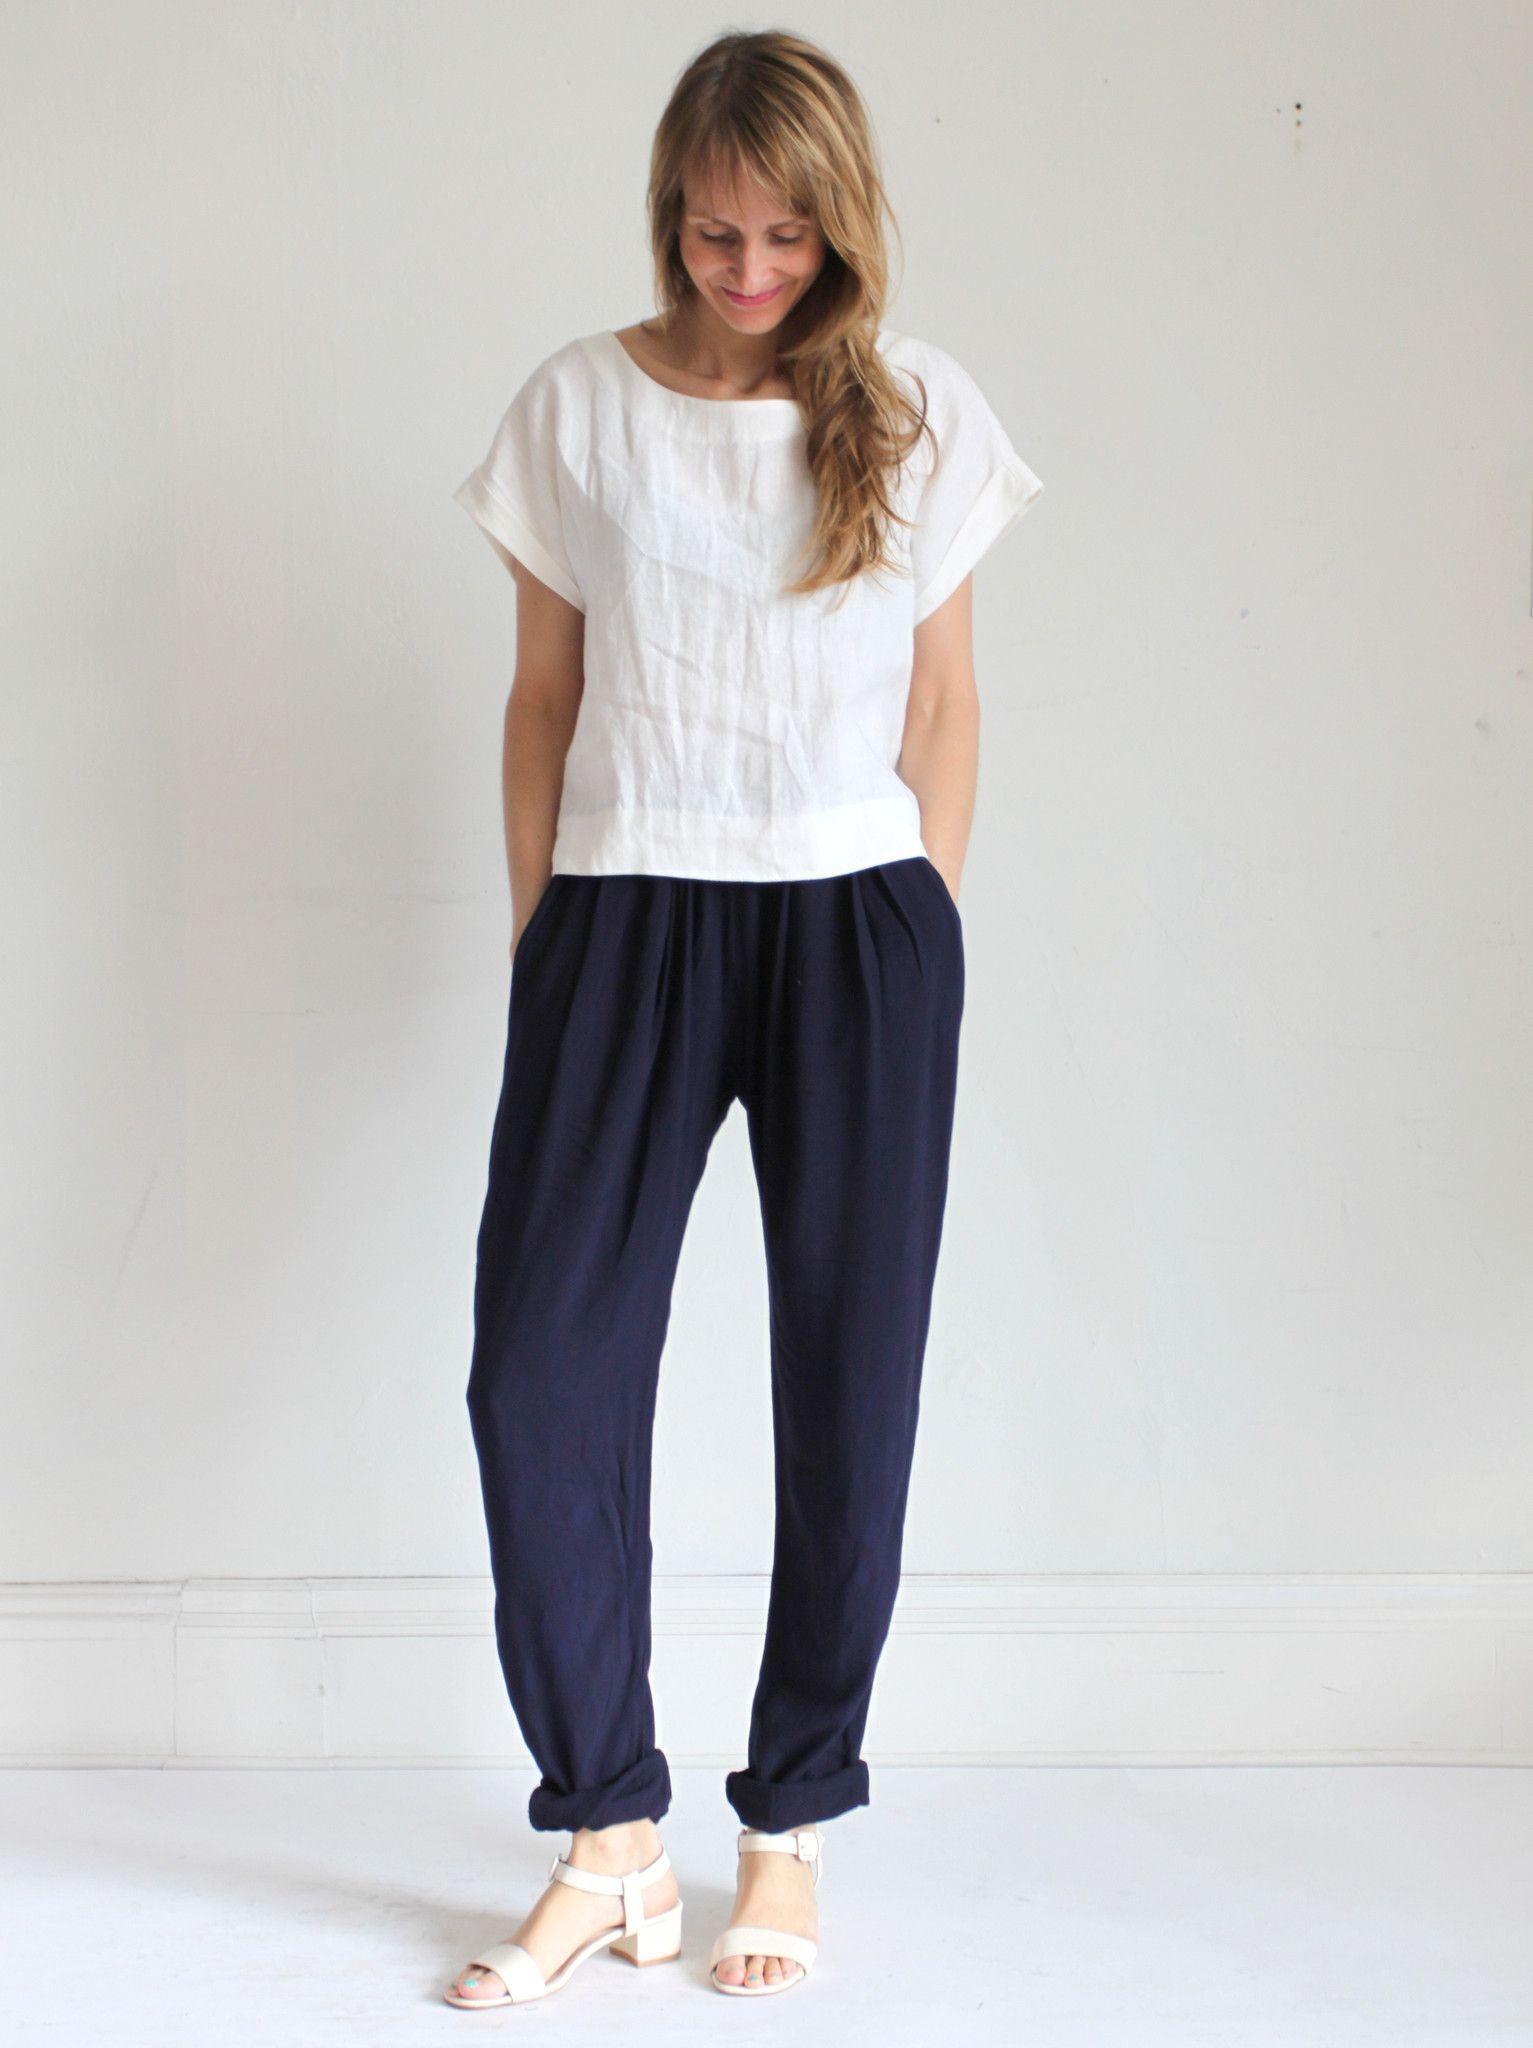 Black Crane Pleats Pants - Navy